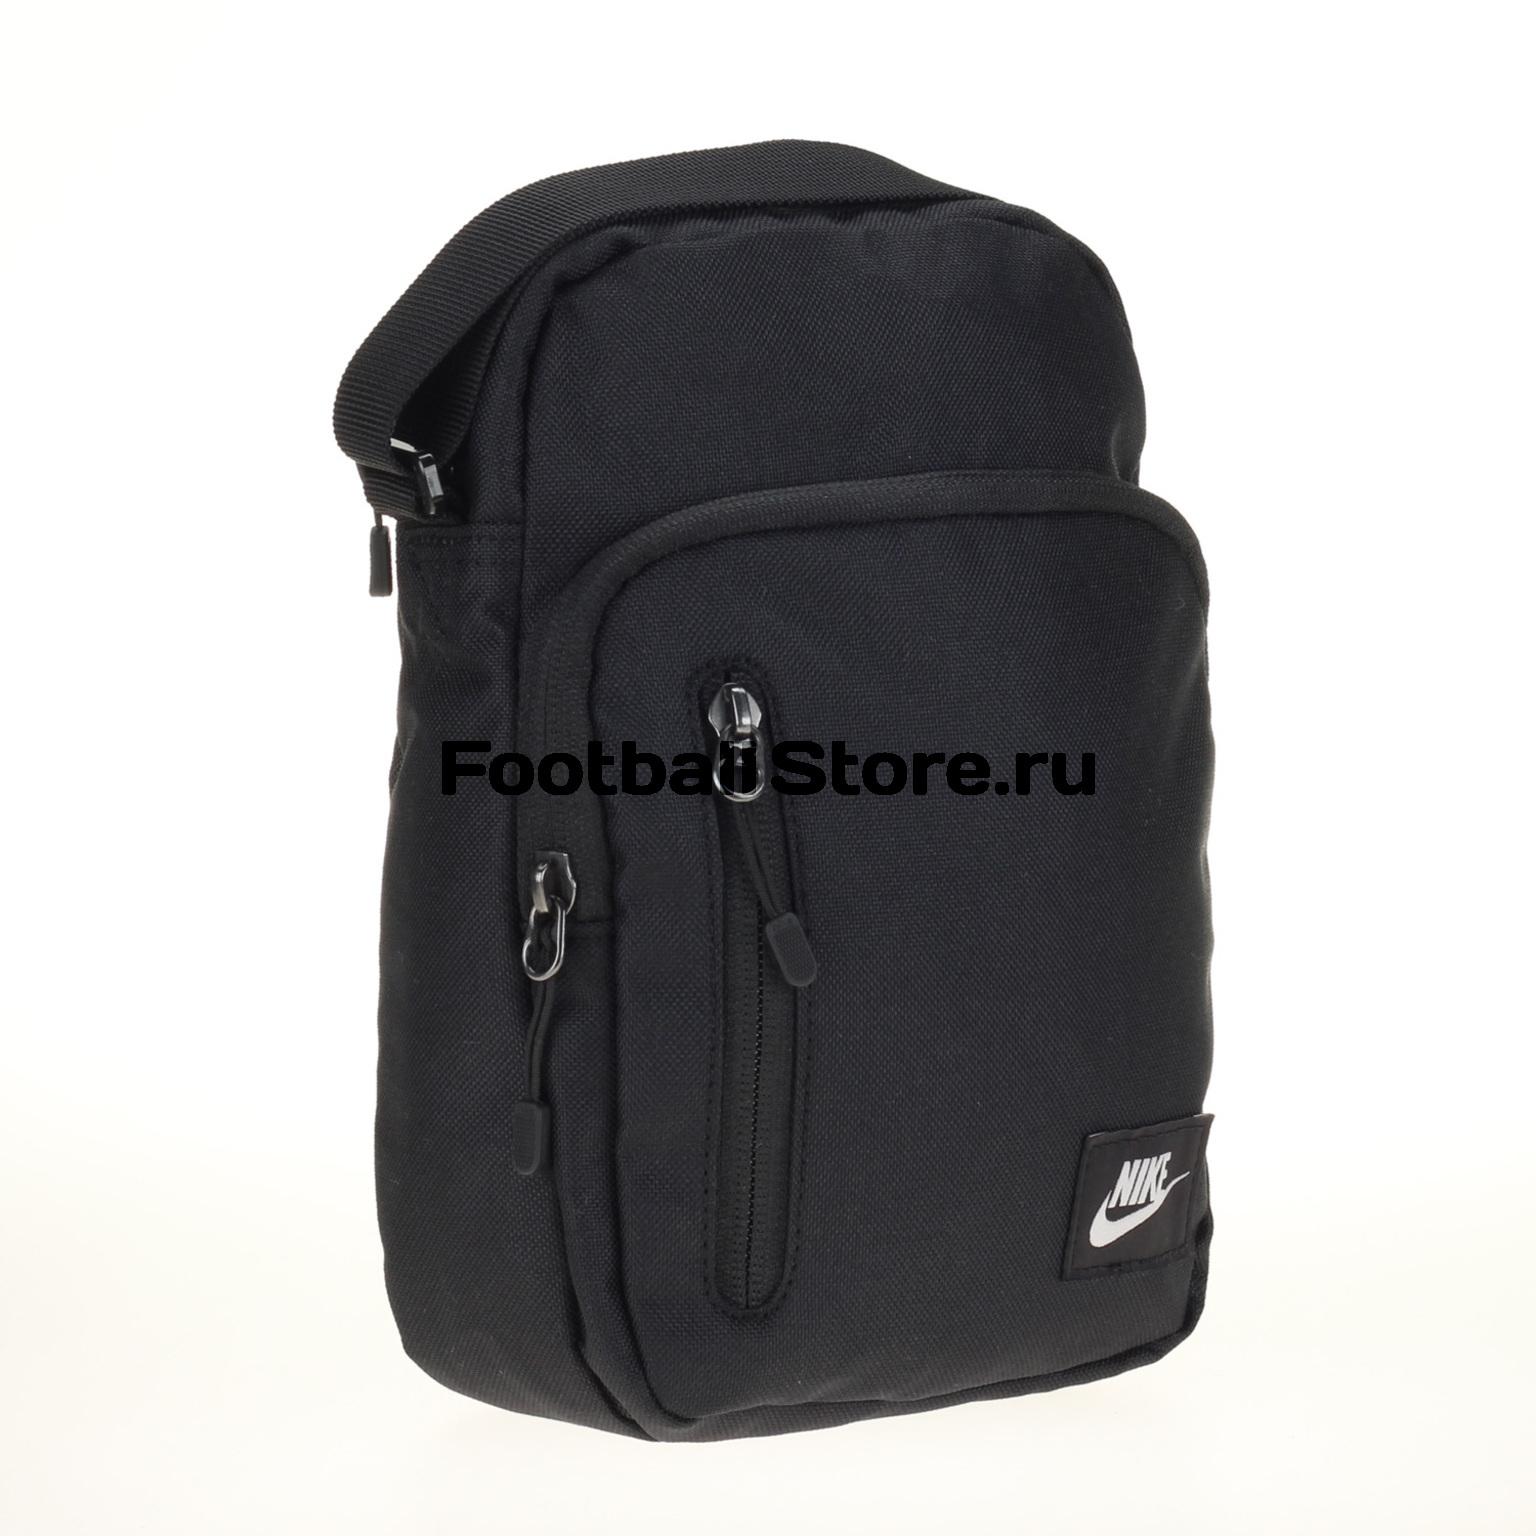 a624c88cb678 Сумка Nike Core Small items II Bag BA4293-067 – купить в интернет ...